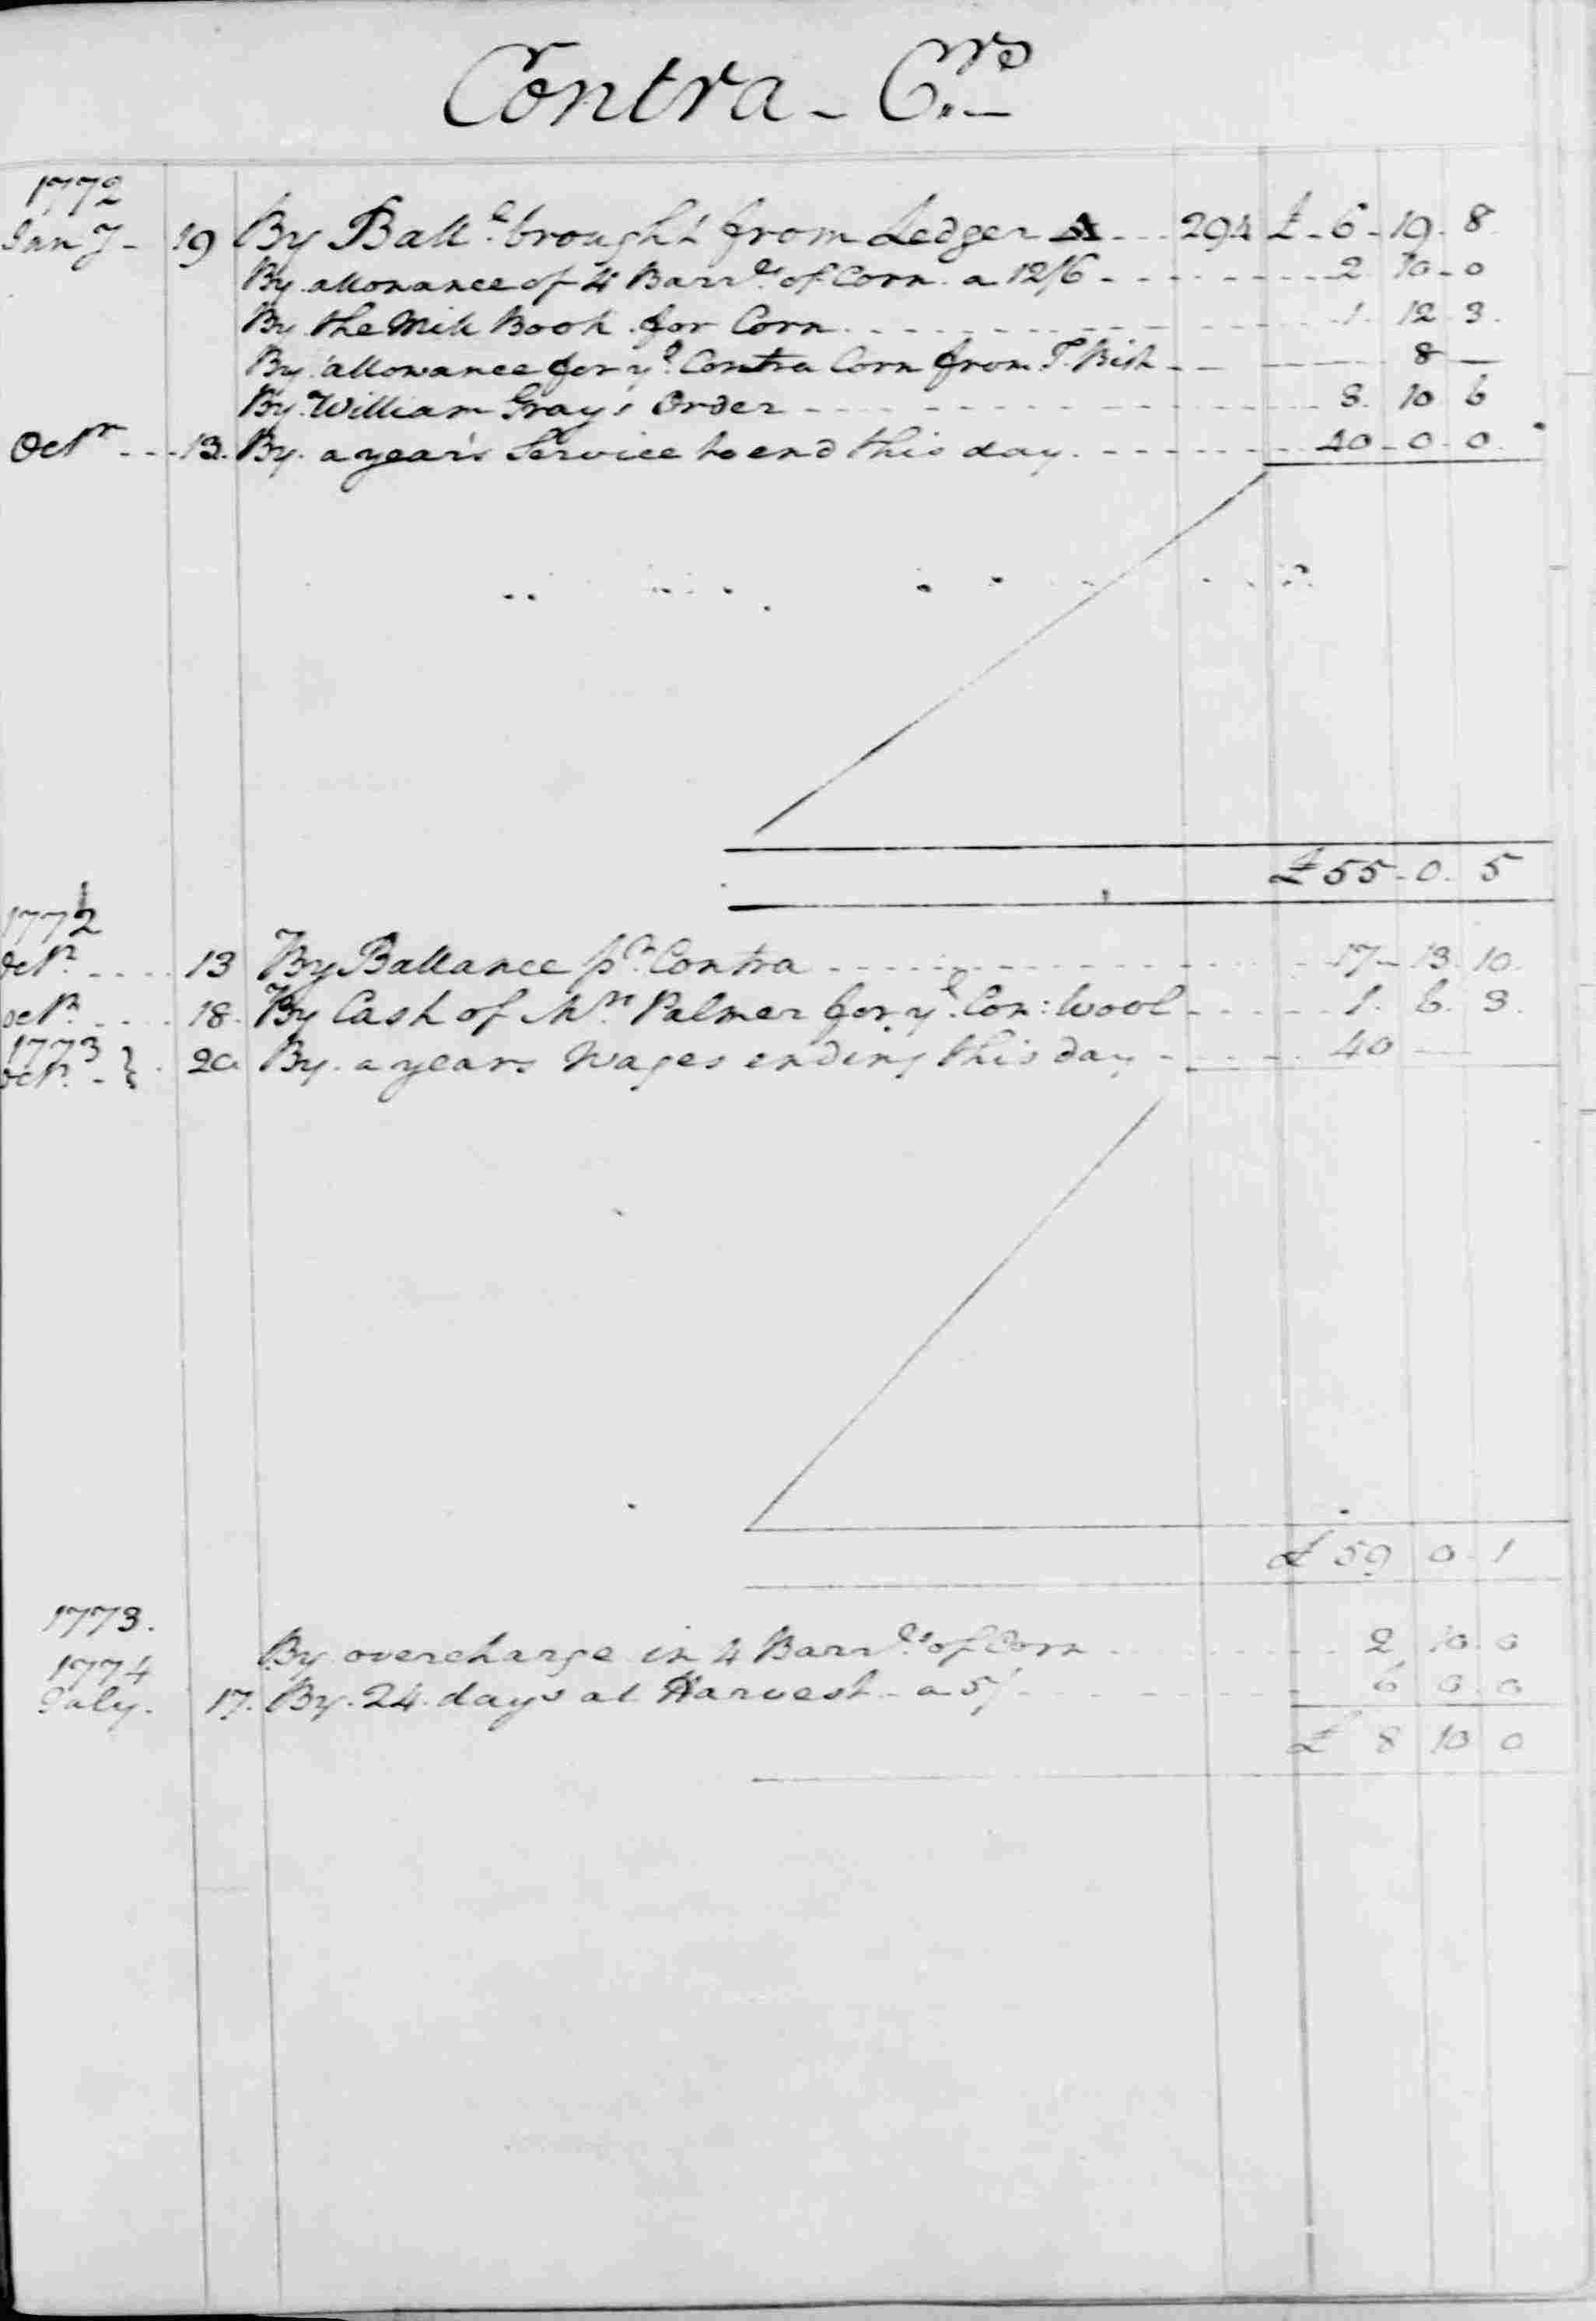 Ledger B, folio 28, left side